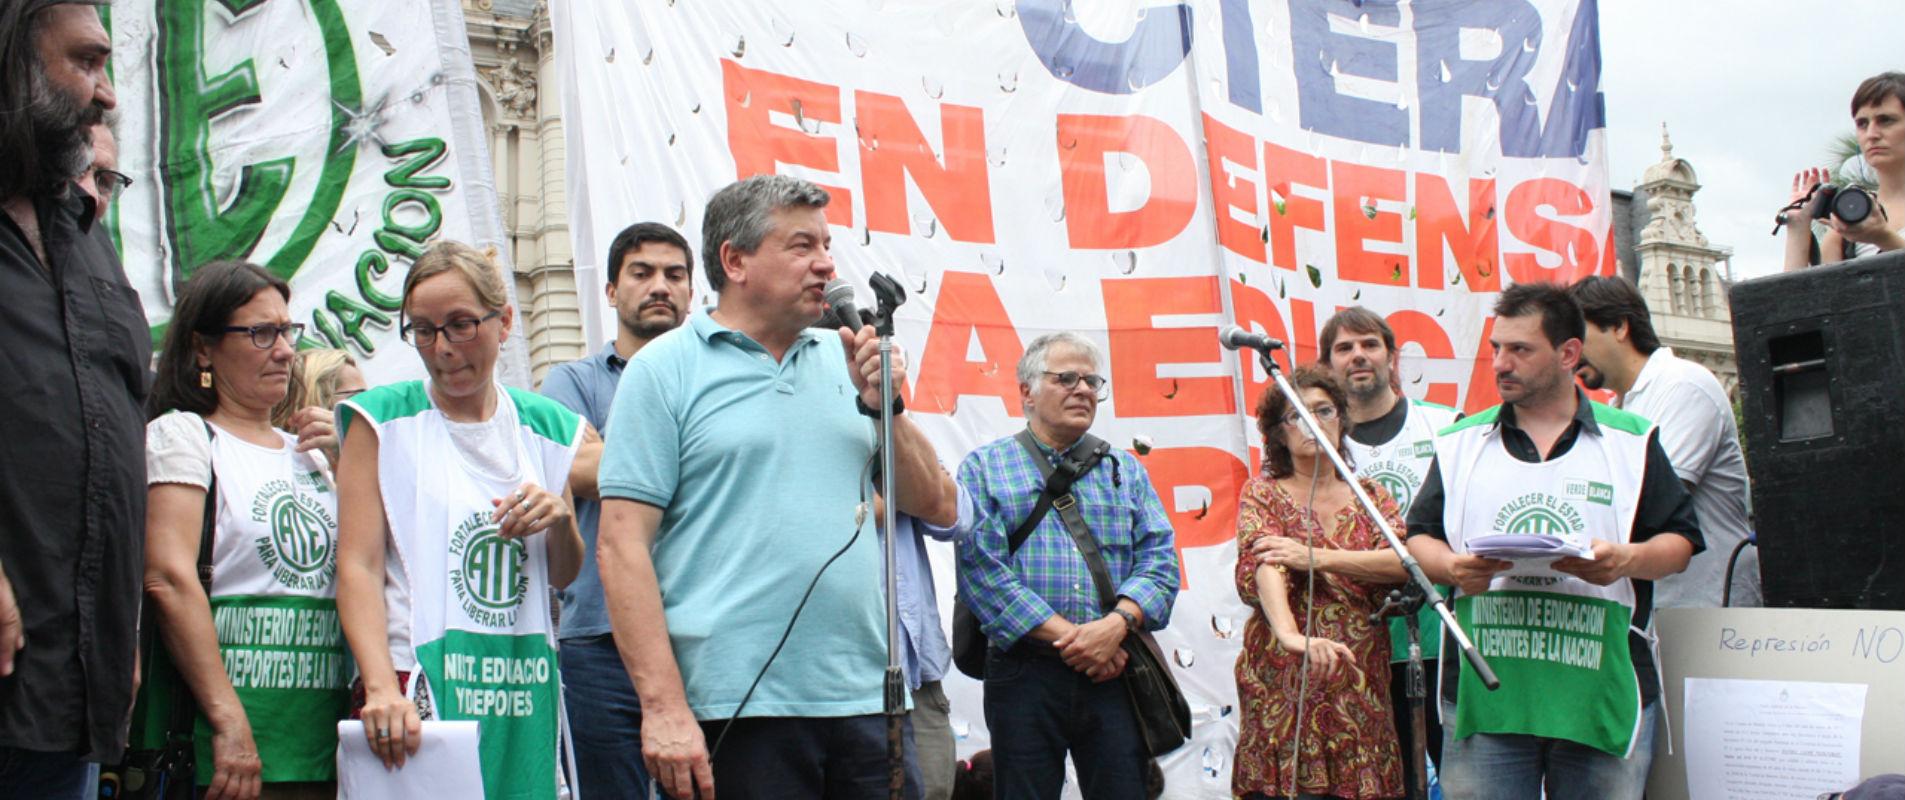 Pedro Wasiejko Organizaciones sociales, políticas, sindicales y de la educación realizaron un abrazo simbólico al edificio donde funciona la cartera educativa en Pizzurno 935, C.A.B.A., en repudio a la represión a los trabajadores que tomaron pacíficamente las instalaciones.